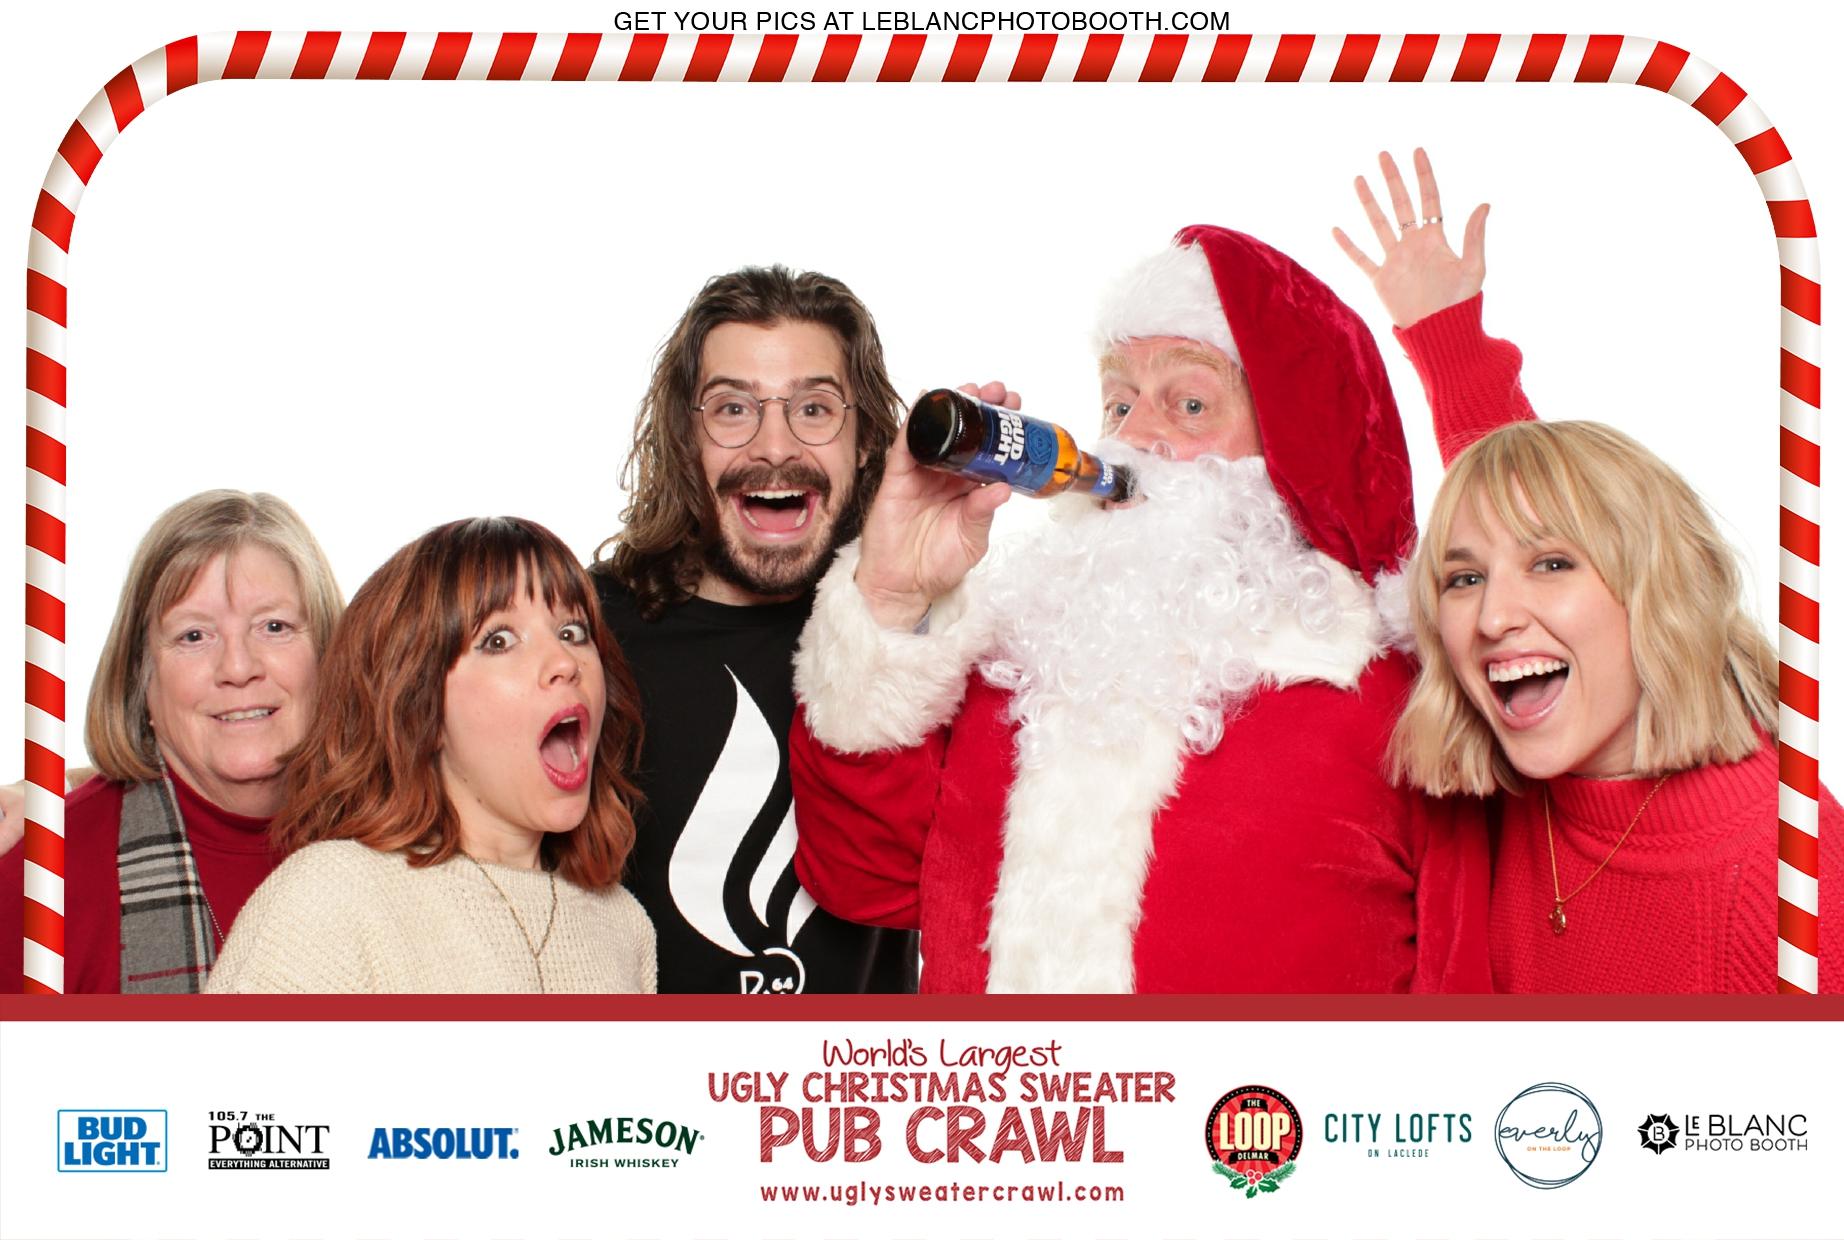 World's Largest Ugly Christmas Sweater Pub Crawl - 17.12.16